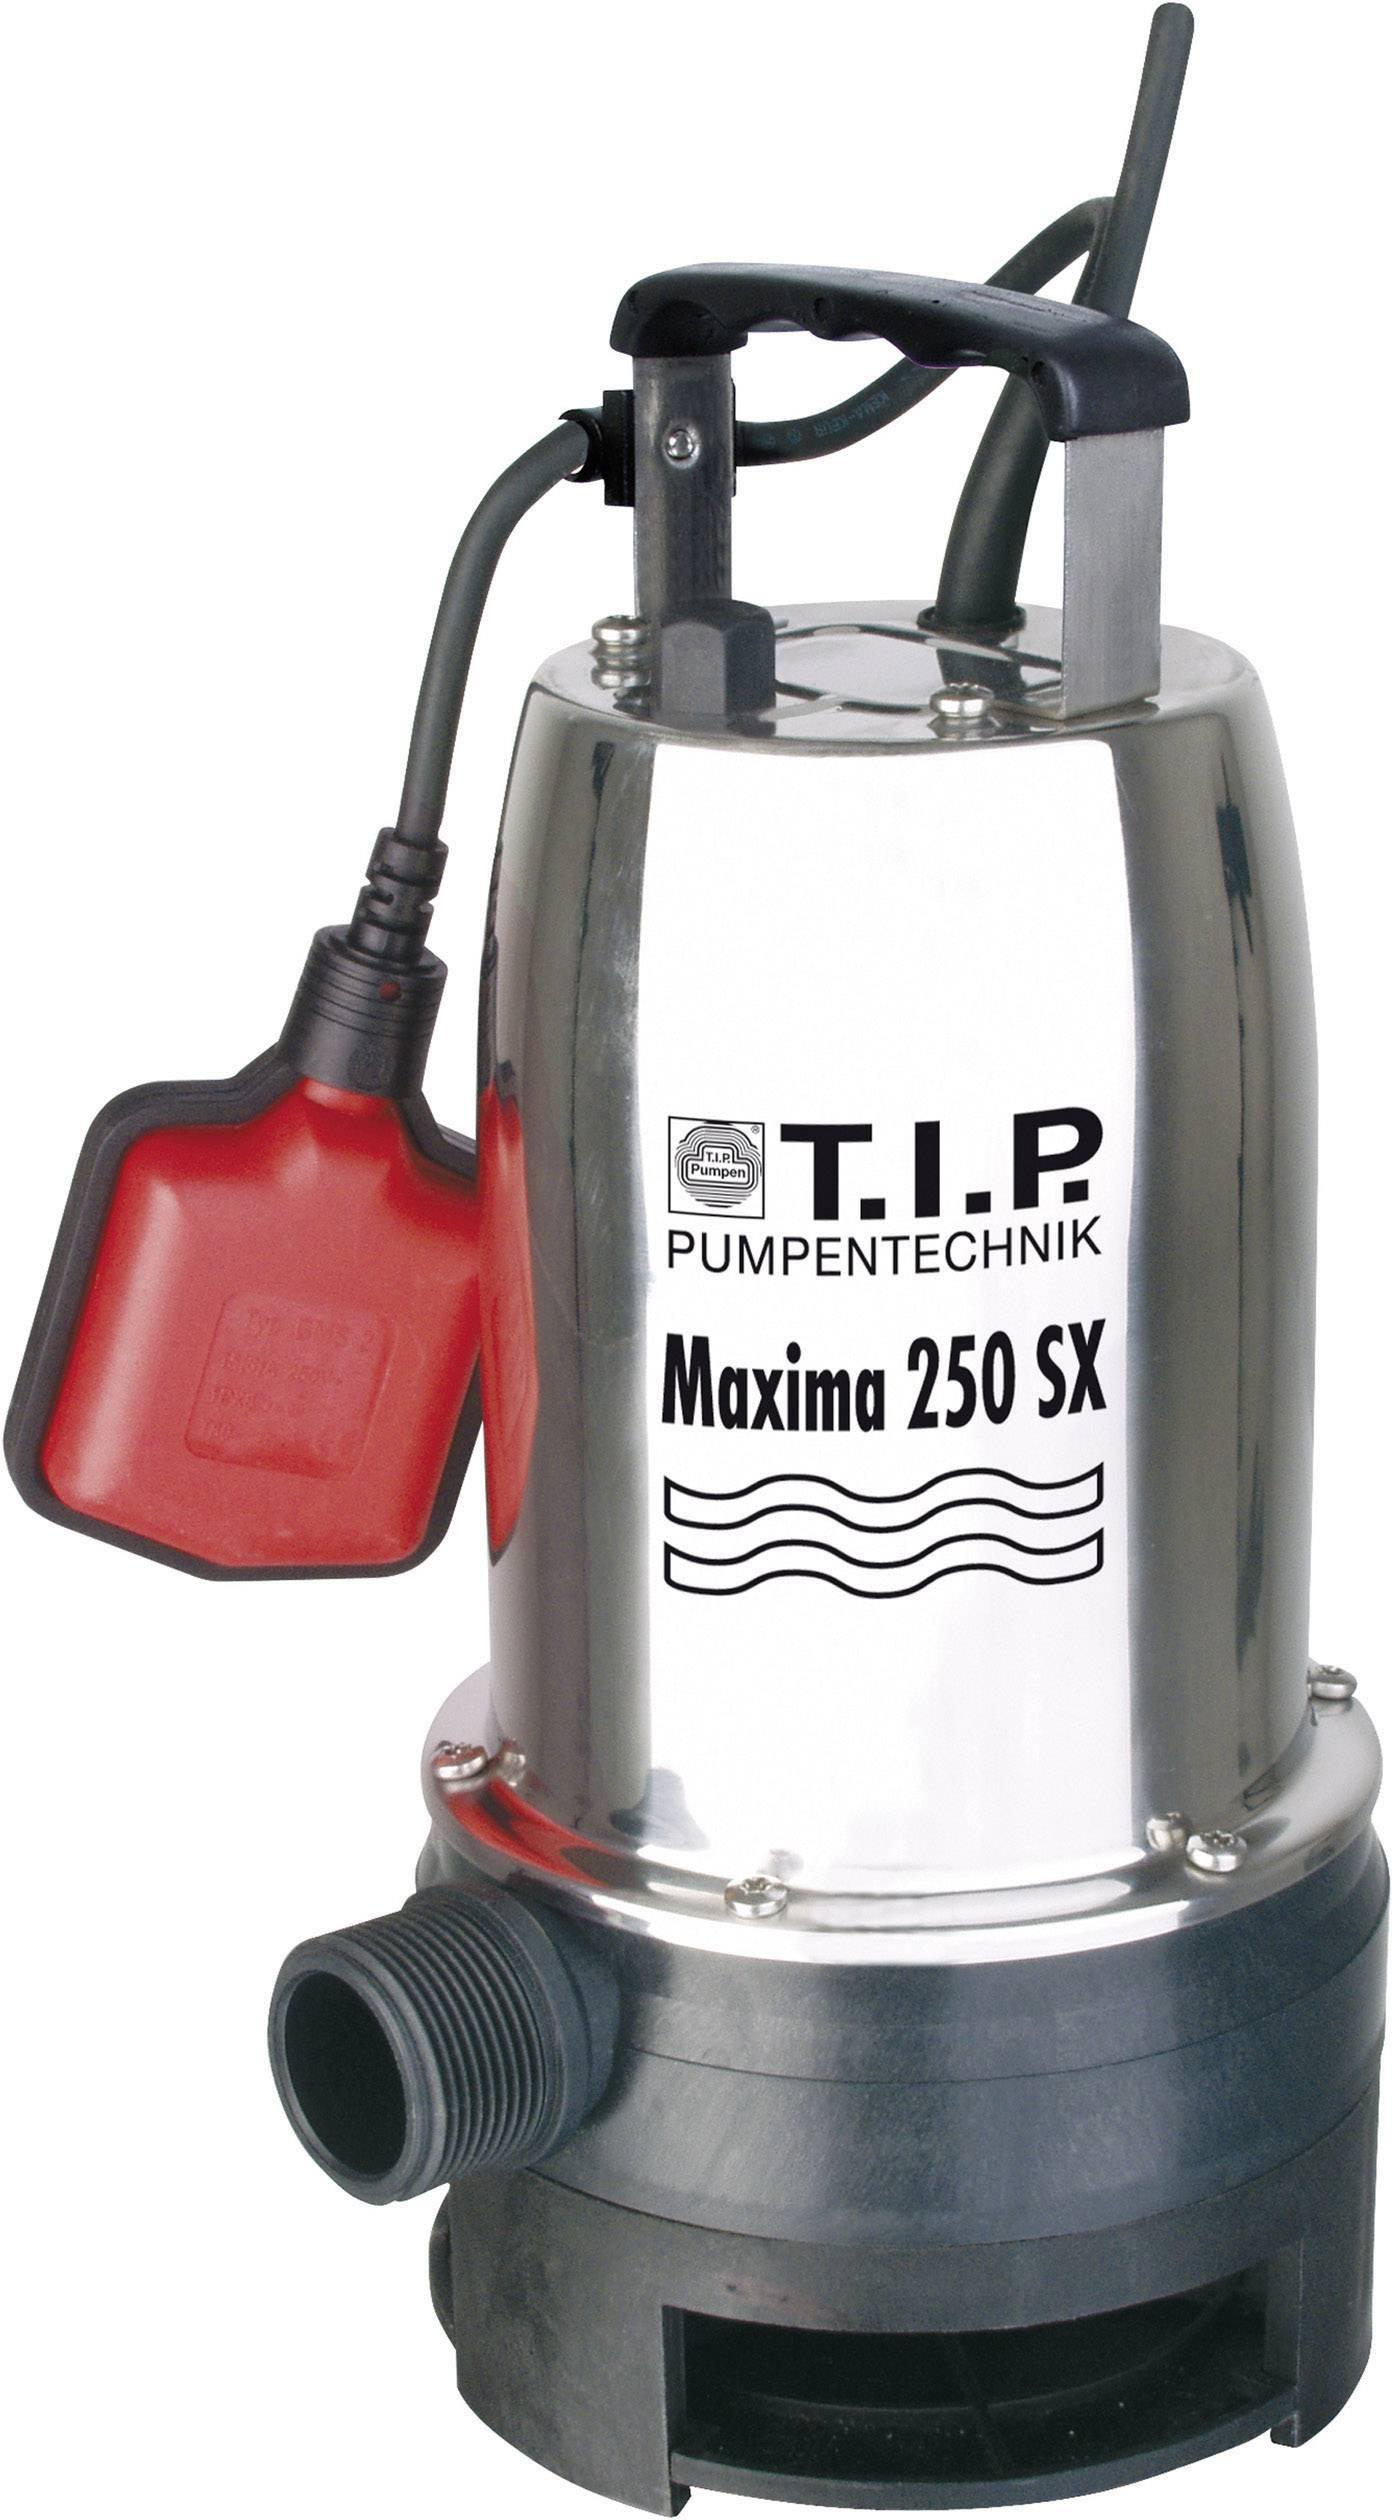 Ponorné čerpadlo pre úžitkovú vodu T.I.P. Maxima 250 SX 30264, 14500 l/h, 8 m